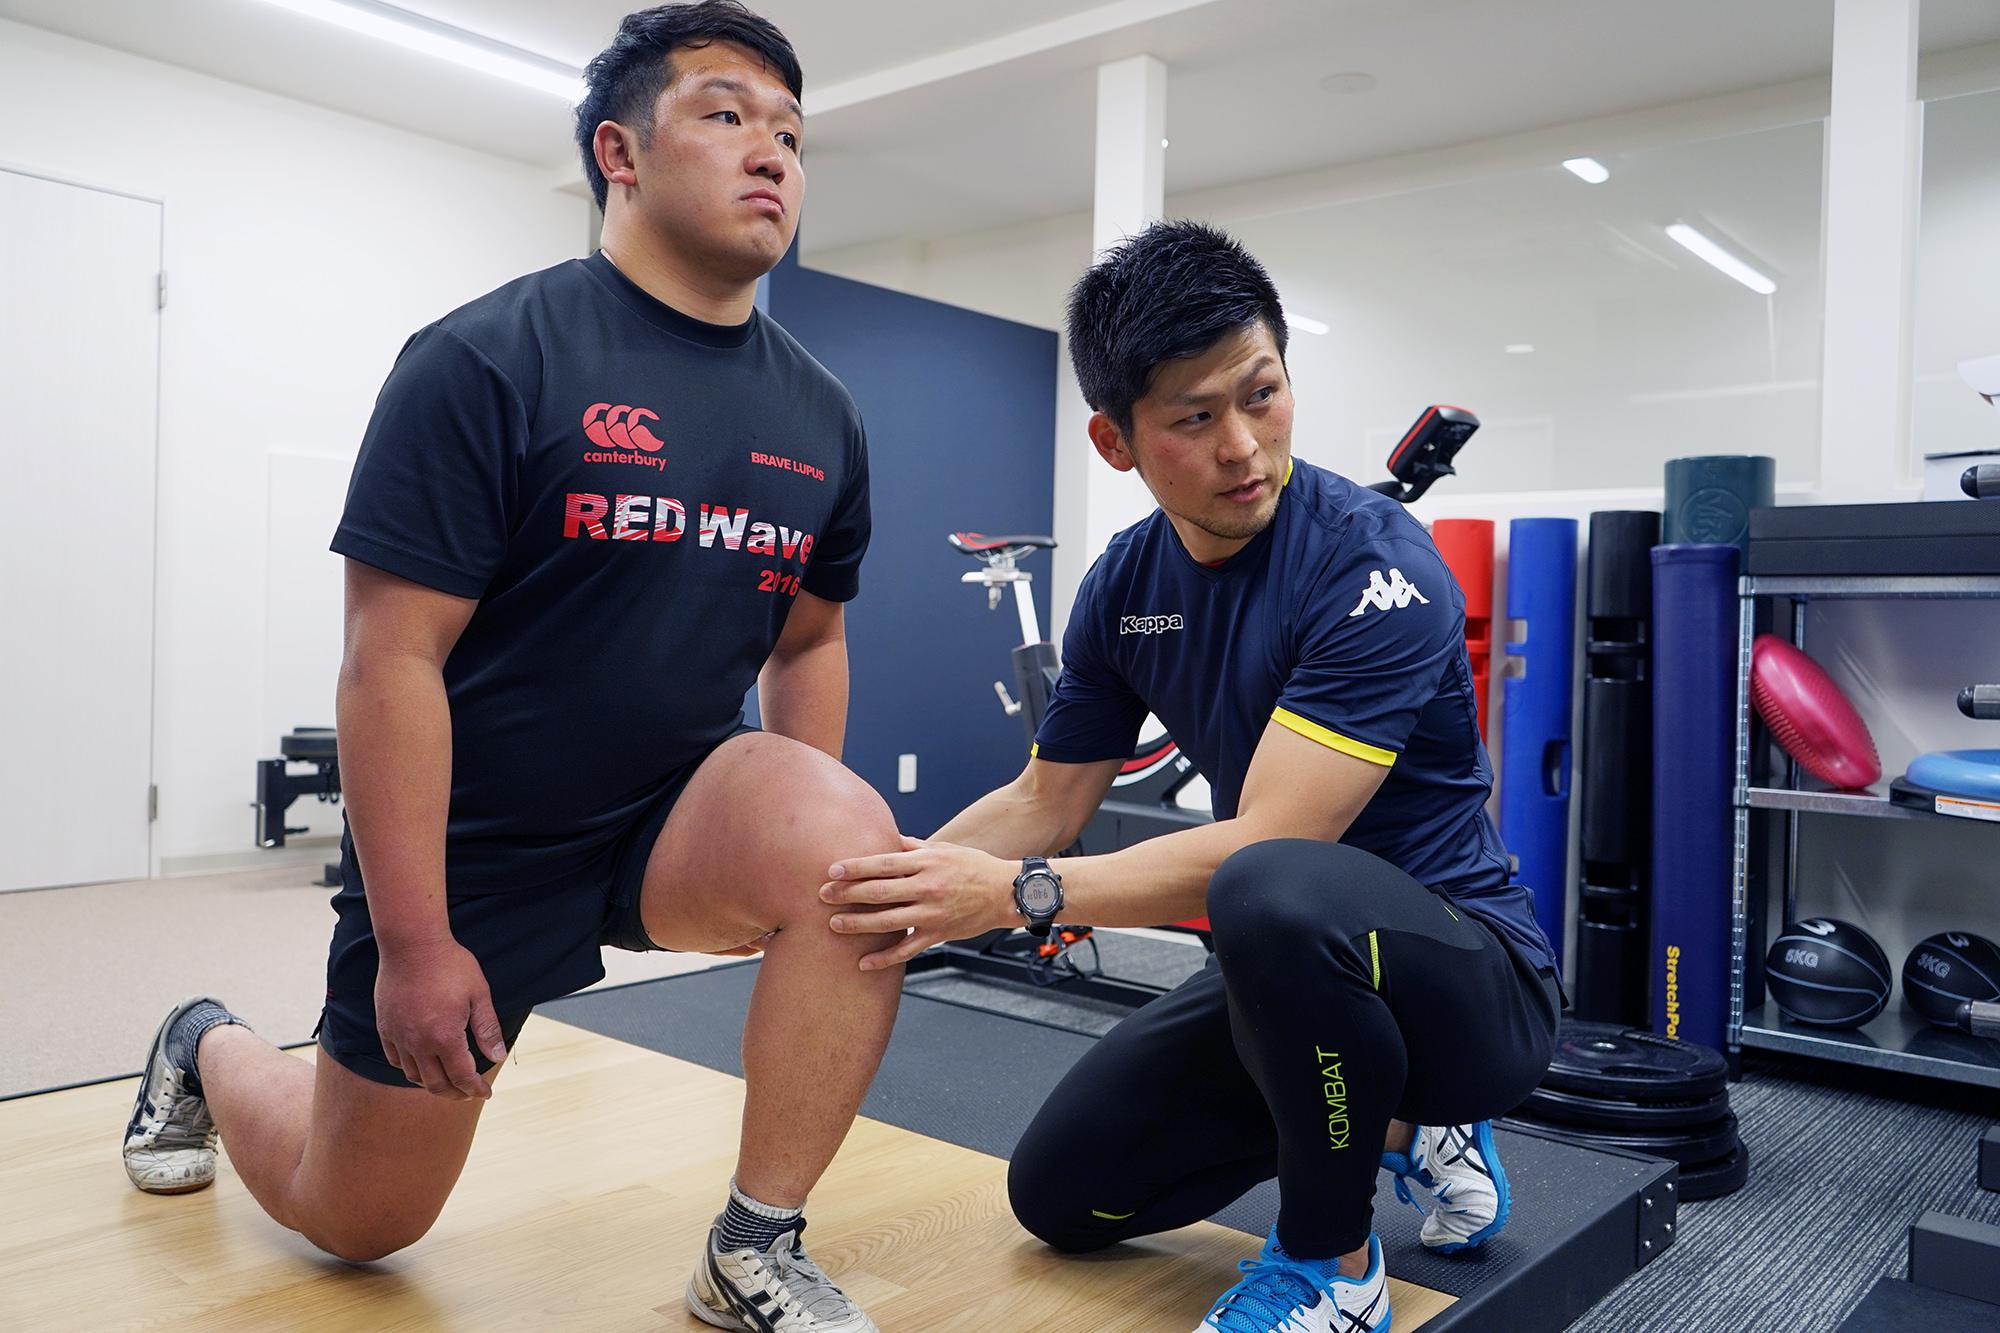 トレーニング - 治療後のトレーニングで身体を見つめ直し、ケガをする前より良い状態を目指します。ひとりひとりに向き合ったトレーニングを行います。